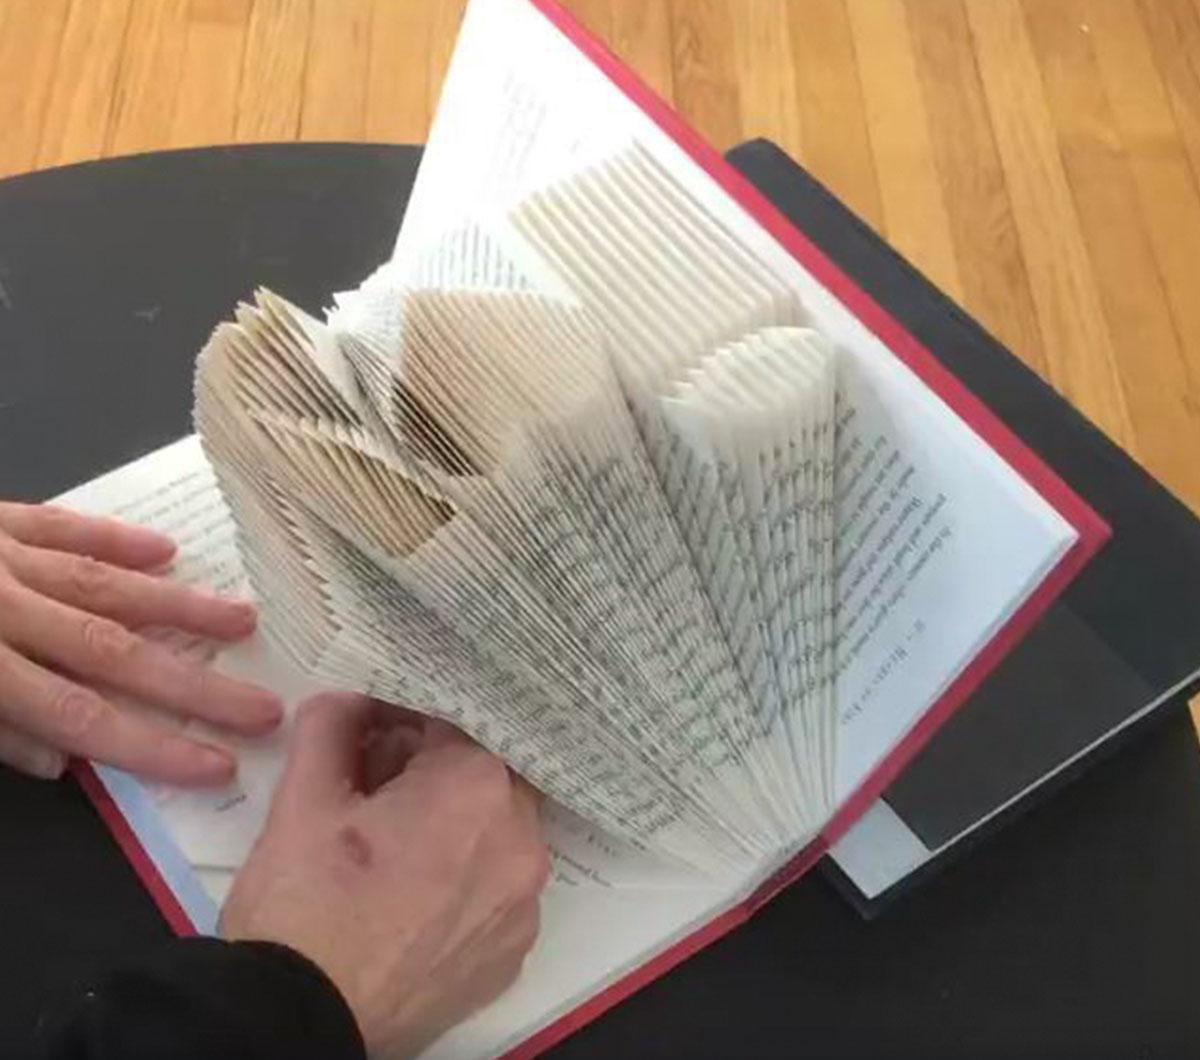 Artist Folds Books Into Sculptures Junk Host